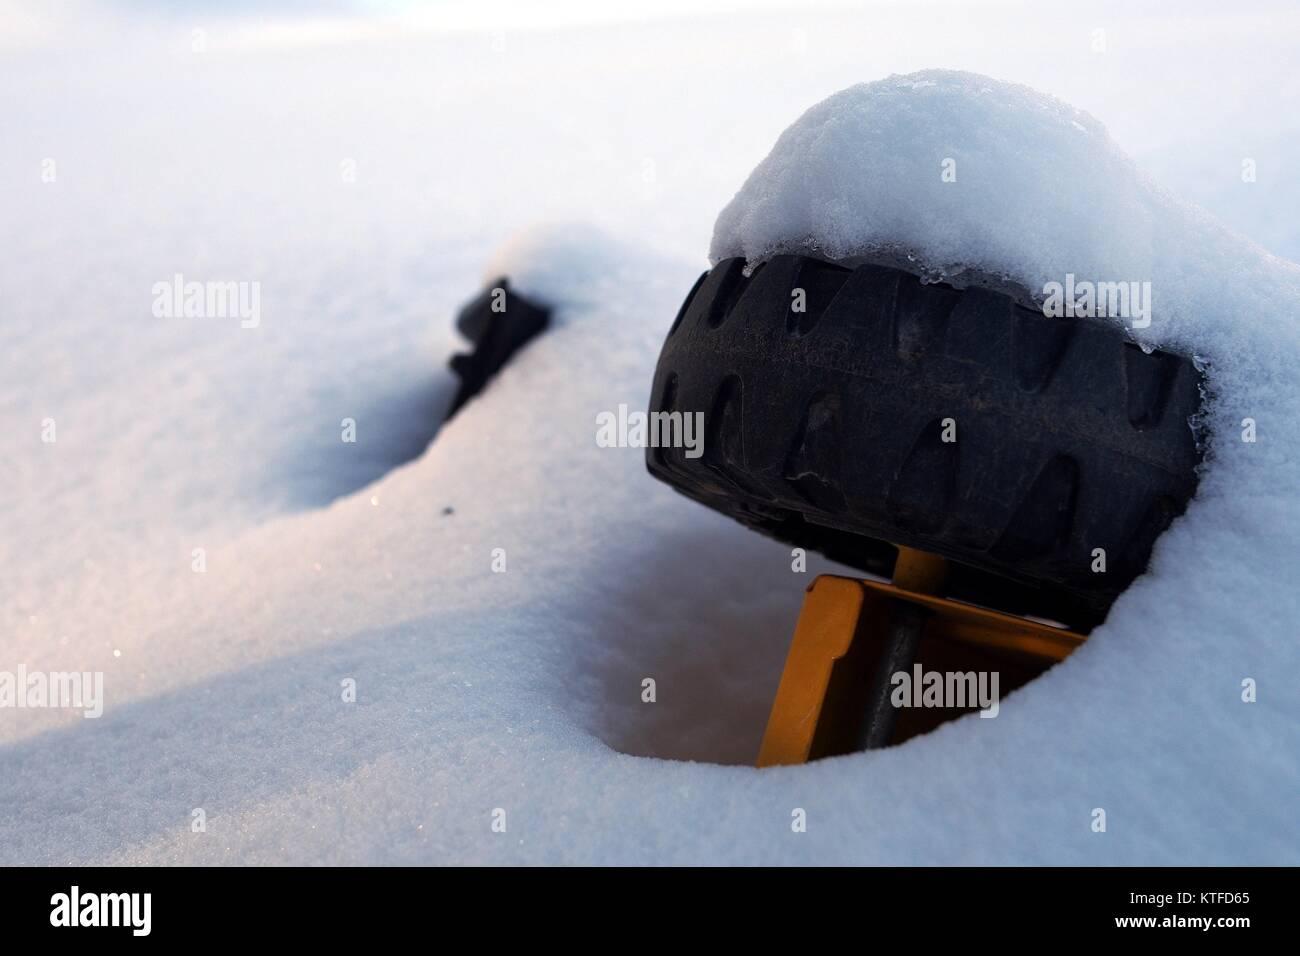 Metal toy truck wheel poking through the fresh snow in a Glebe park, Ottawa, Ontario, Canada. - Stock Image